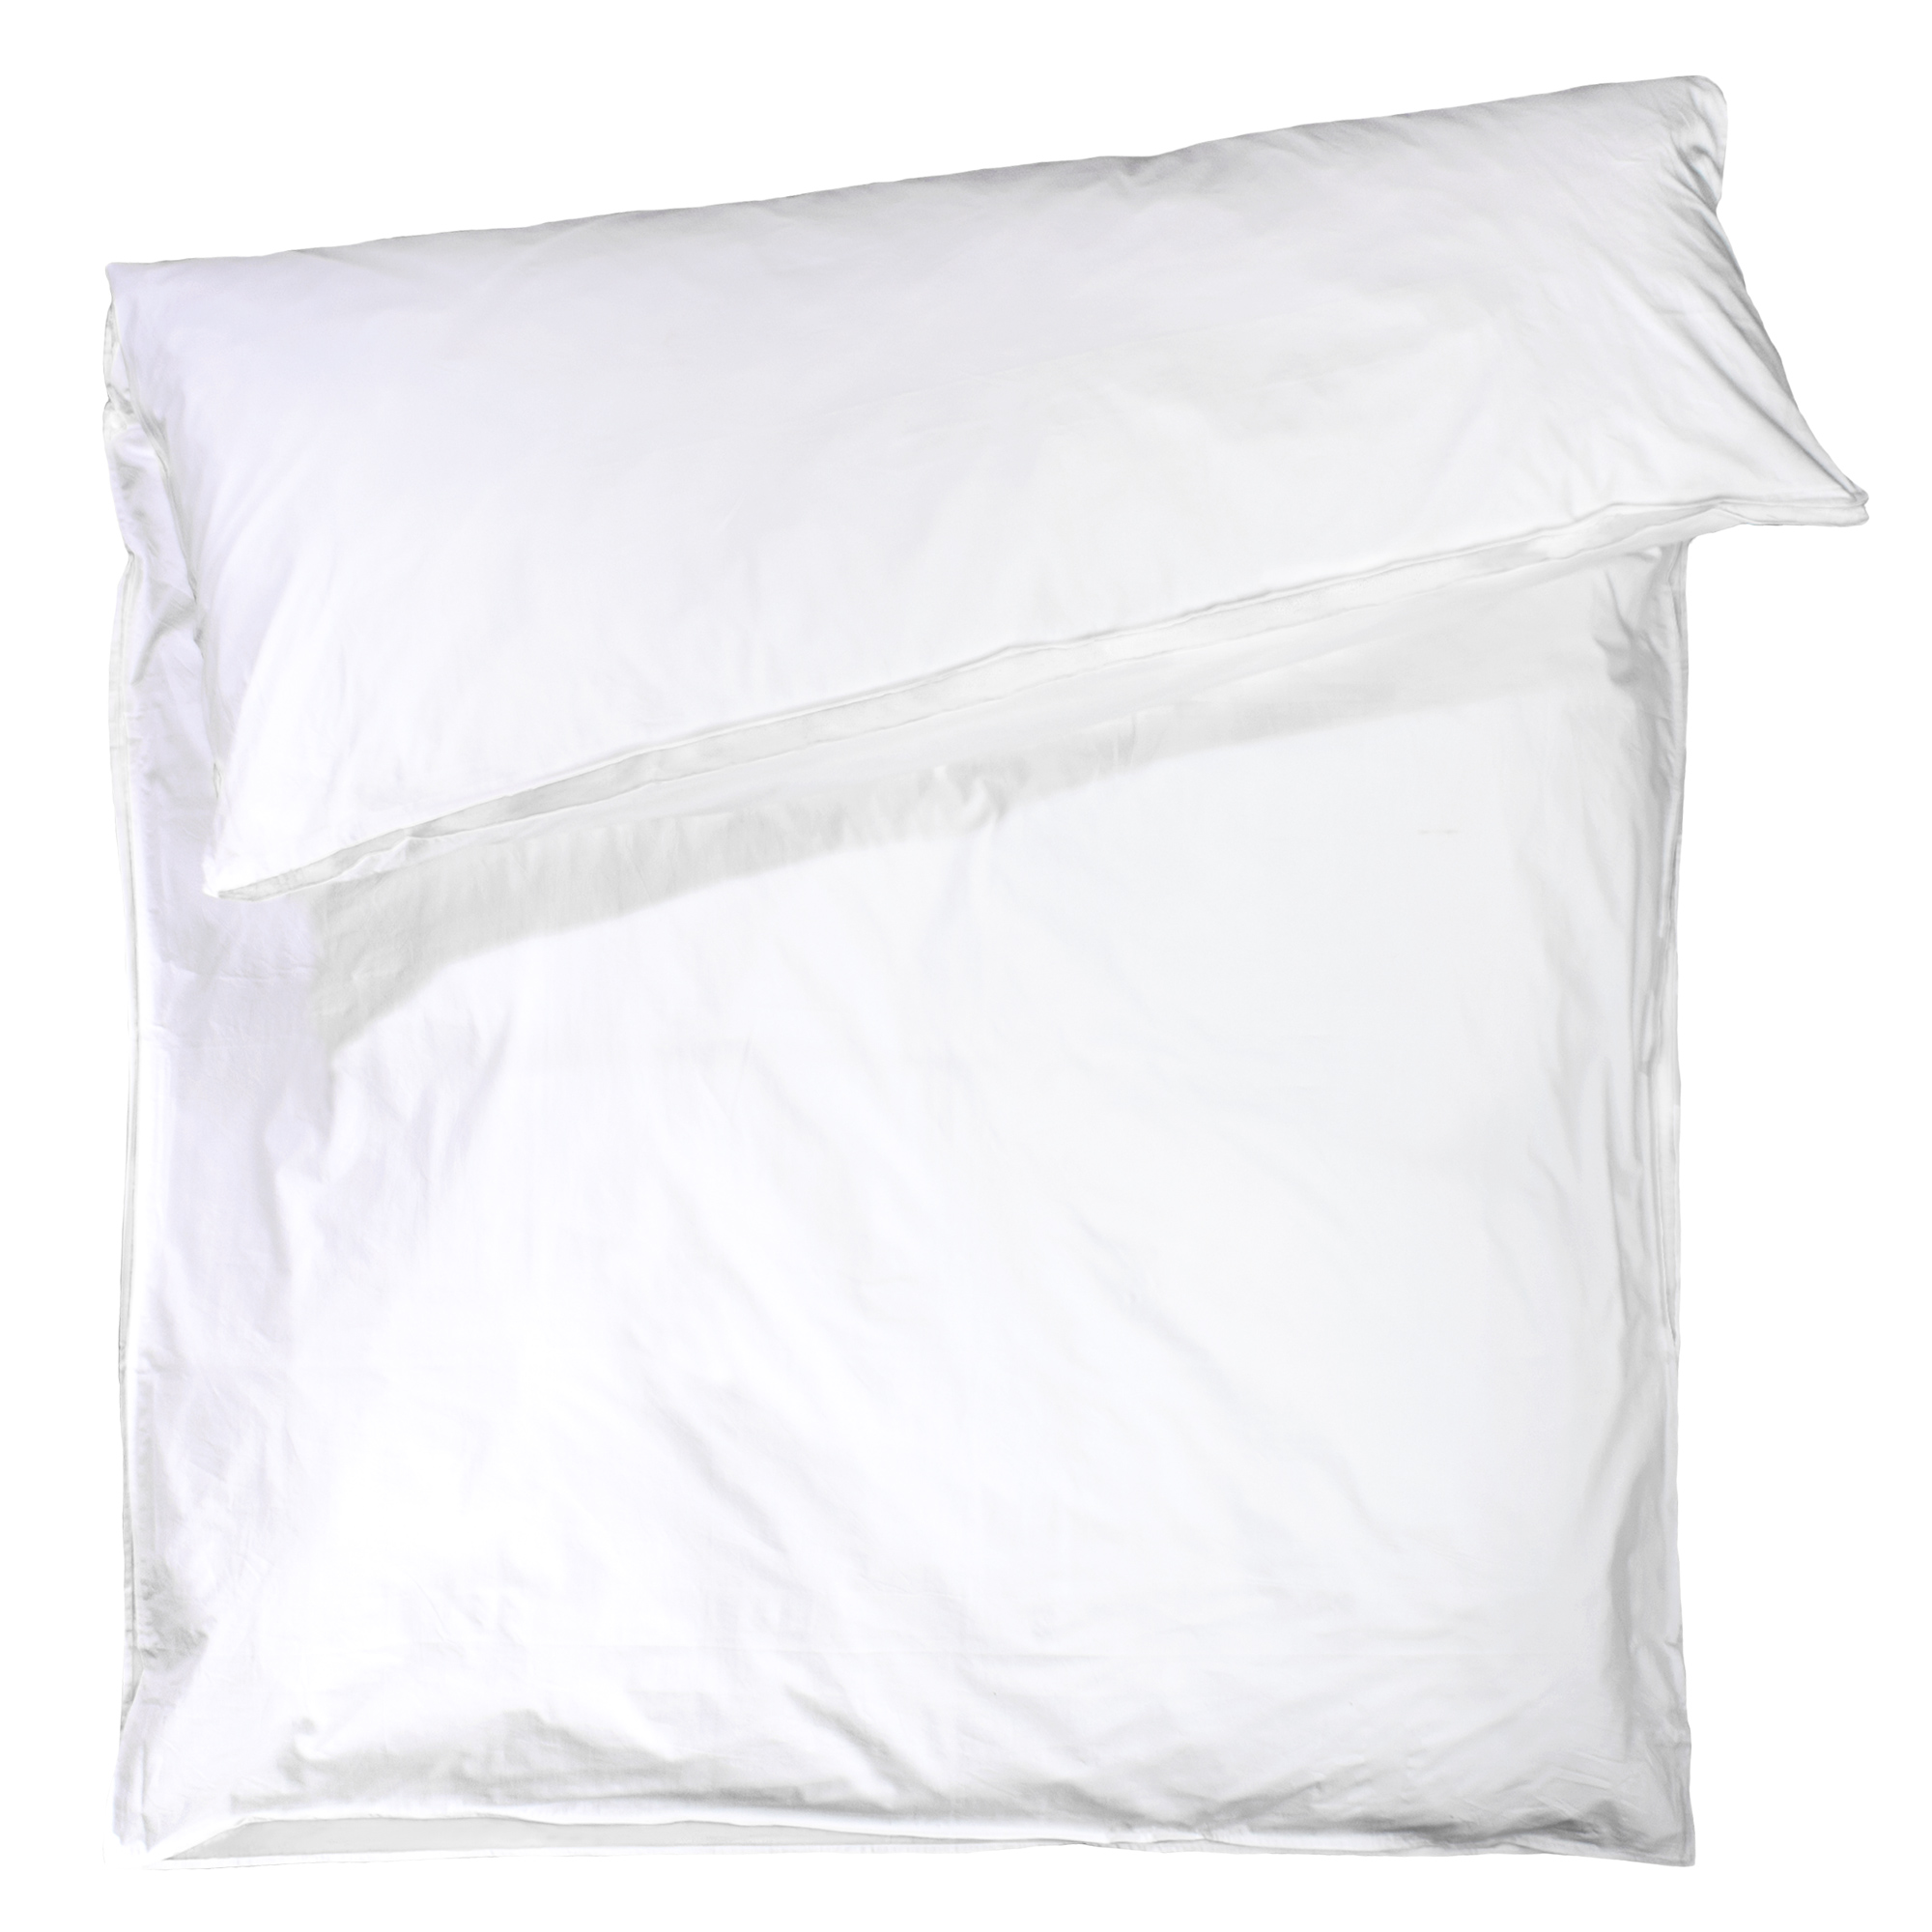 2 Kissenbez/üge 3D-bedruckter Bettbezug Polyesterfaser 1 Bettbezug 135x200cm WZPL Bettw/äsche Groot